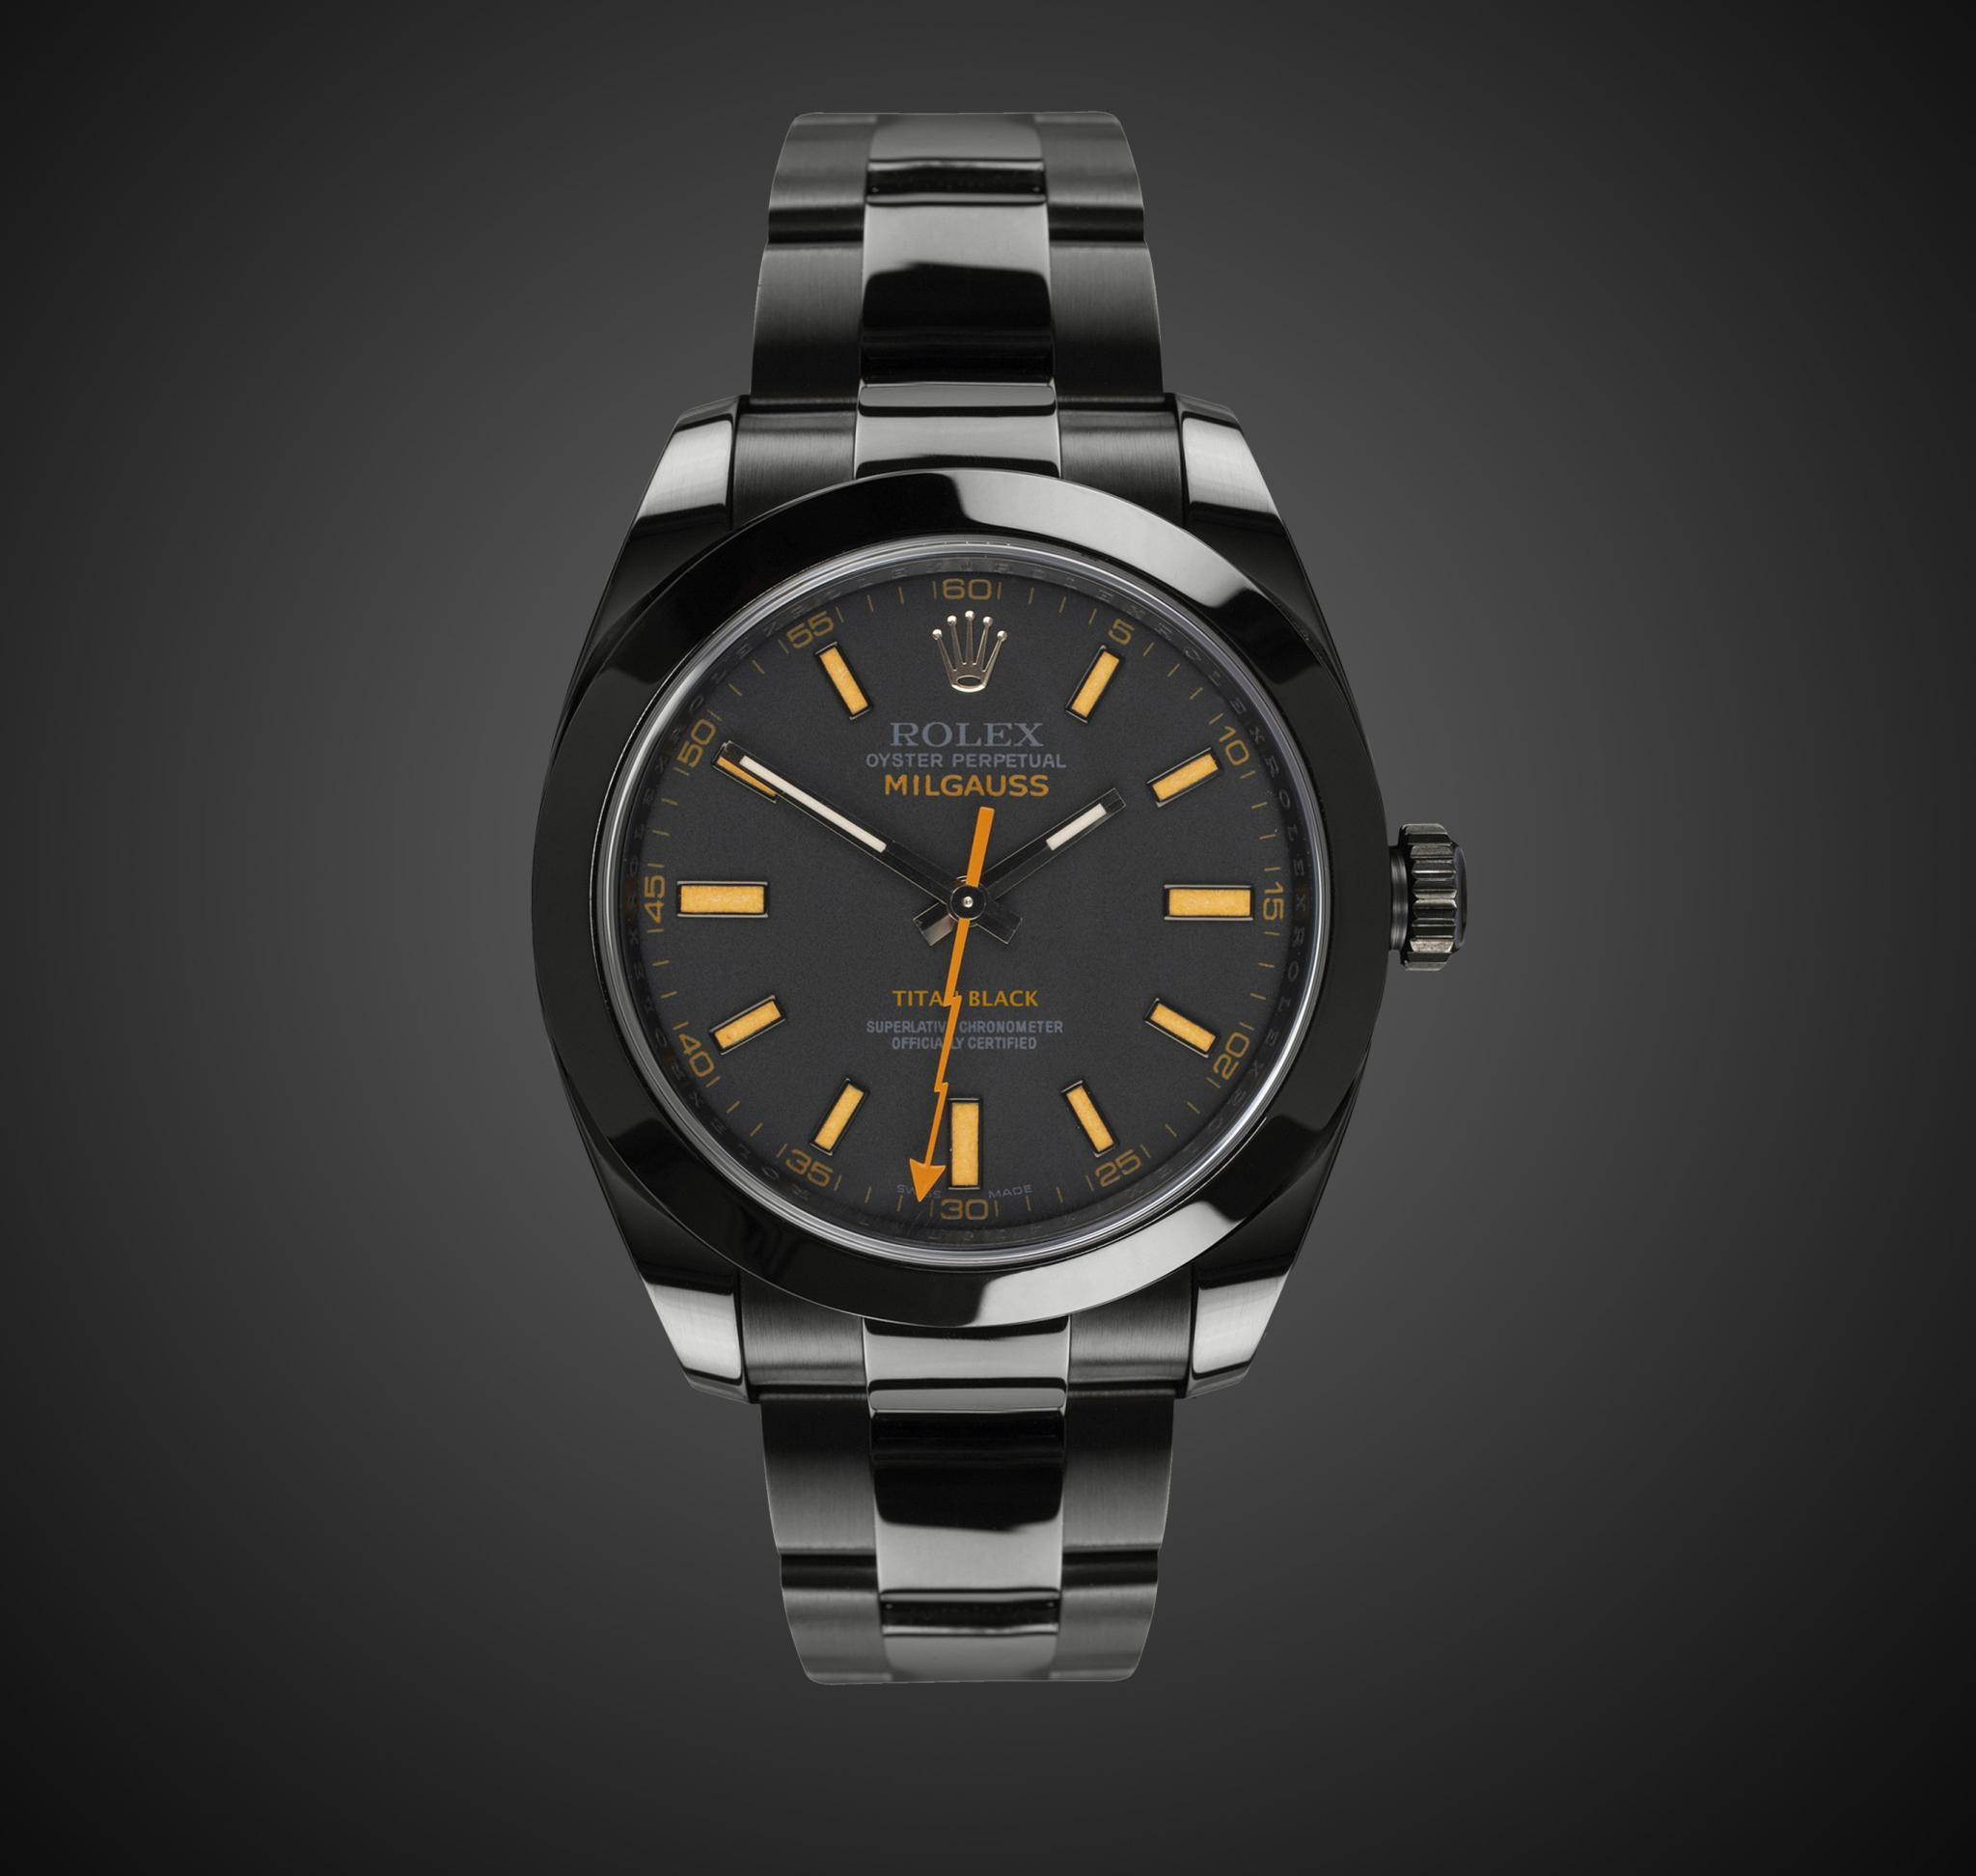 Rolex Milgauss Amber Titan Black